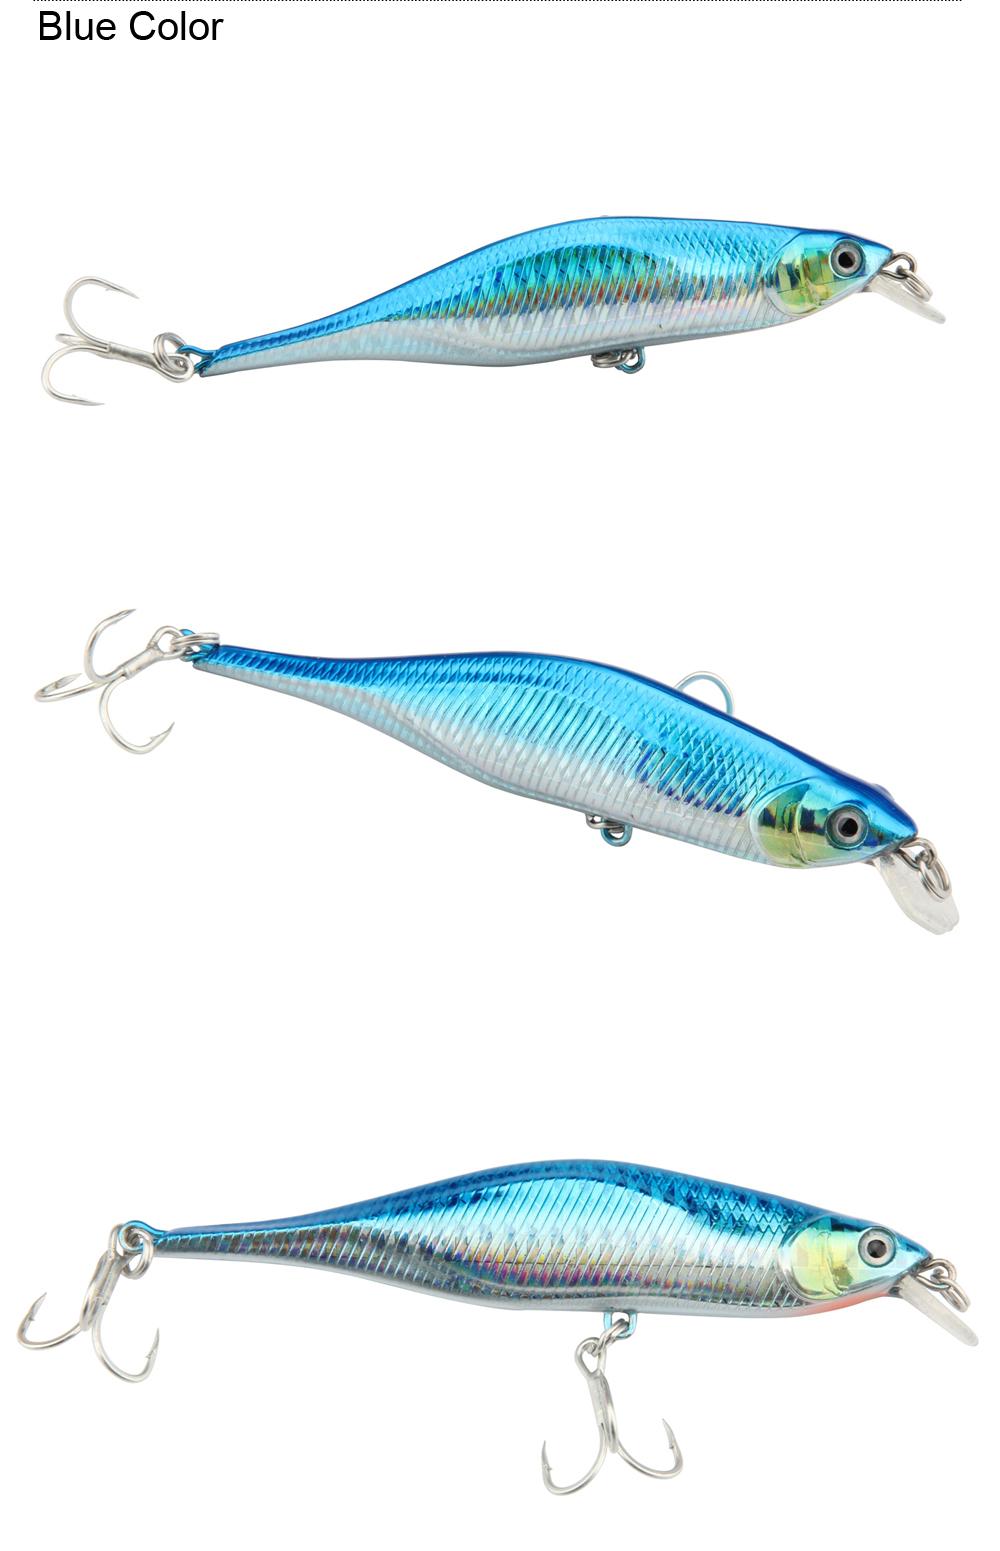 2017 Spinpoler New Fishing Lures,Minnow Crank 11cm 11g.Artificial Japan Hard Bait Wobbler Swimbait Hot Model Crank Bait 5 Colors (7)